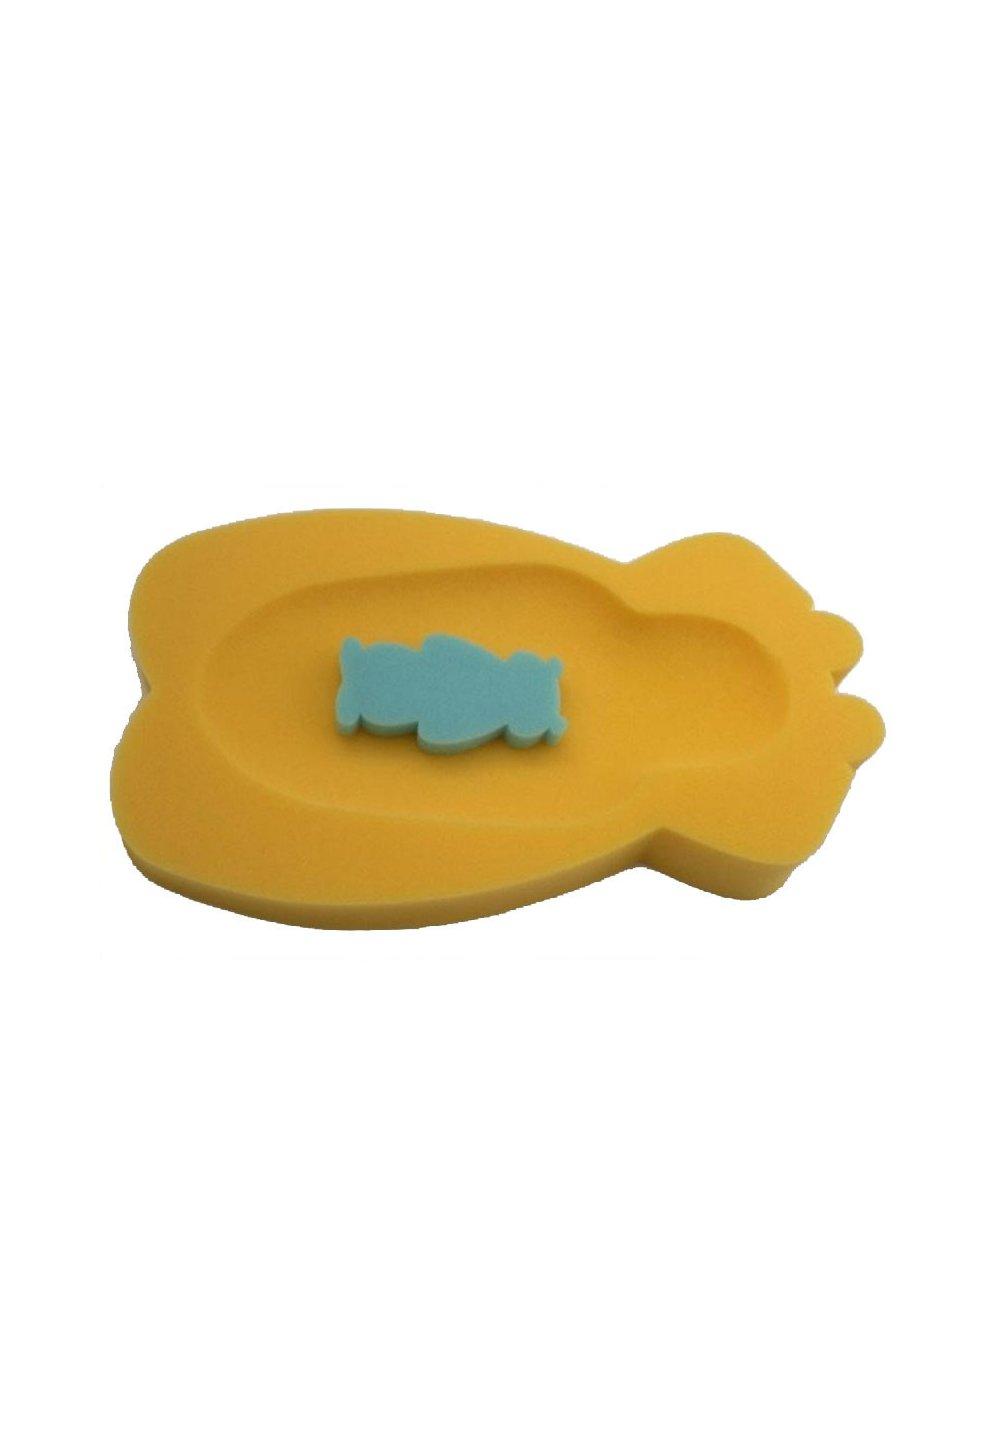 Burete de baie, in forma de broasca imagine